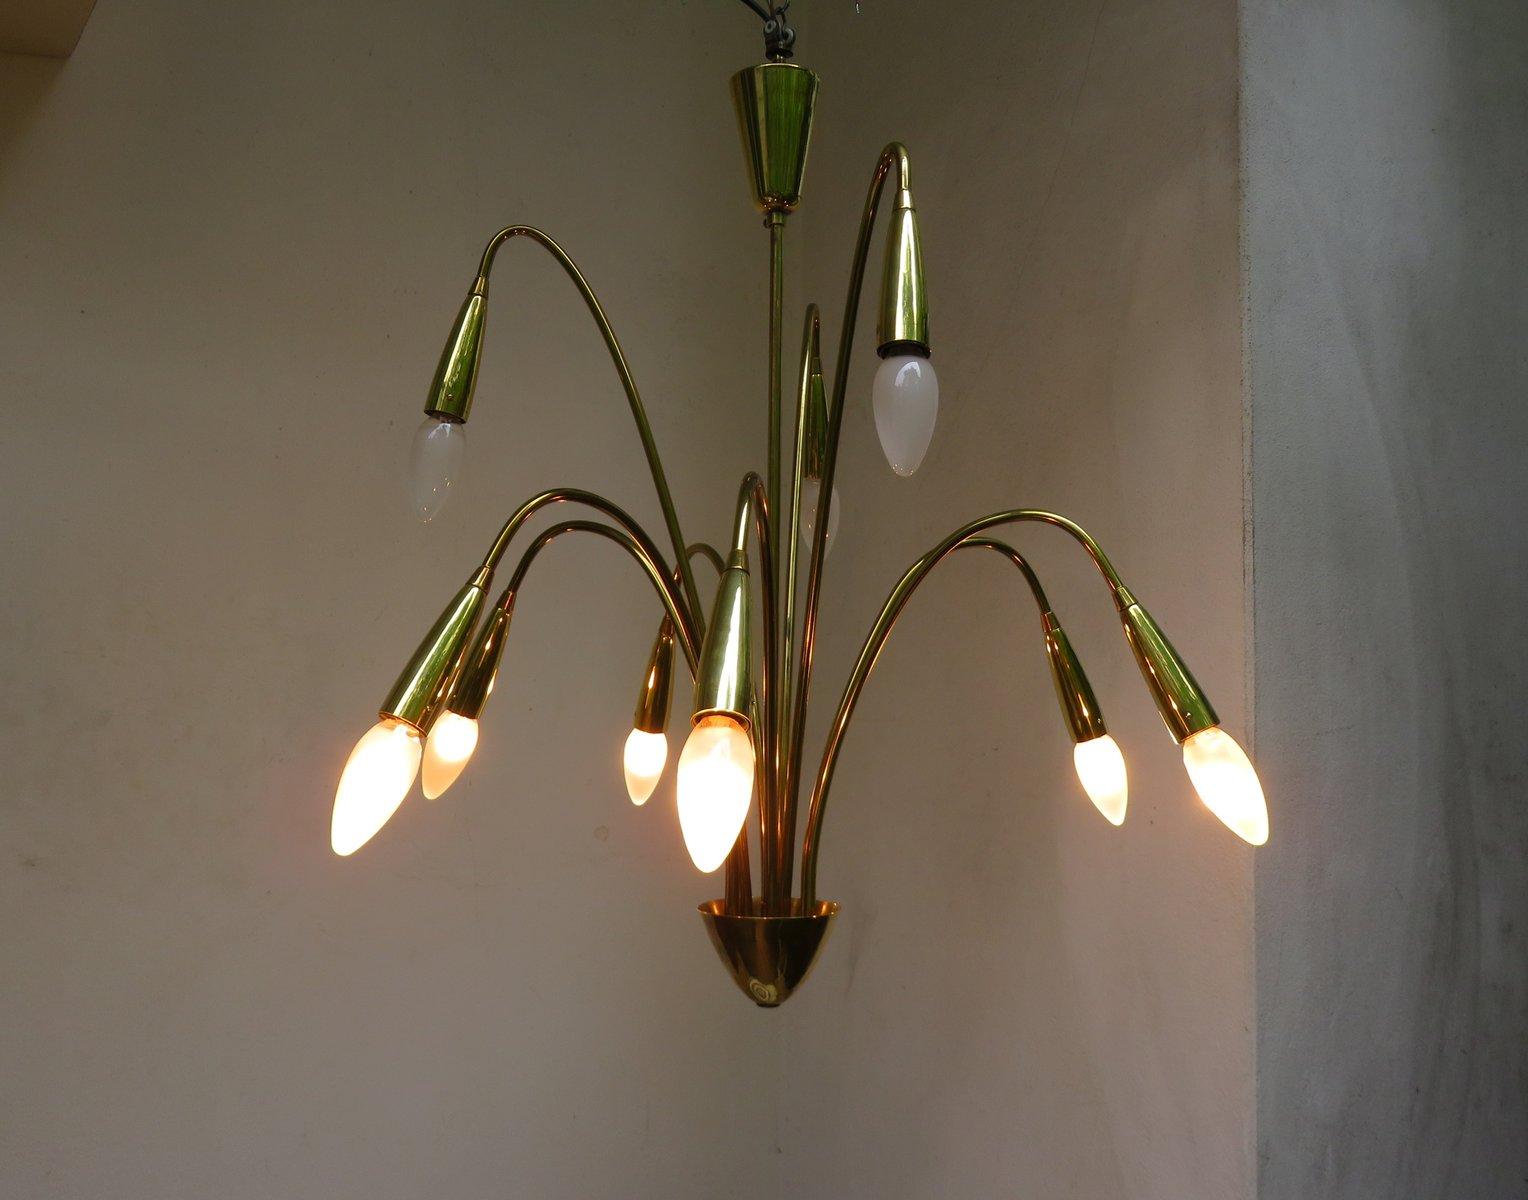 Lampadario Bianco Opaco : Lampadario a luci in ottone lucidato e opaco anni in